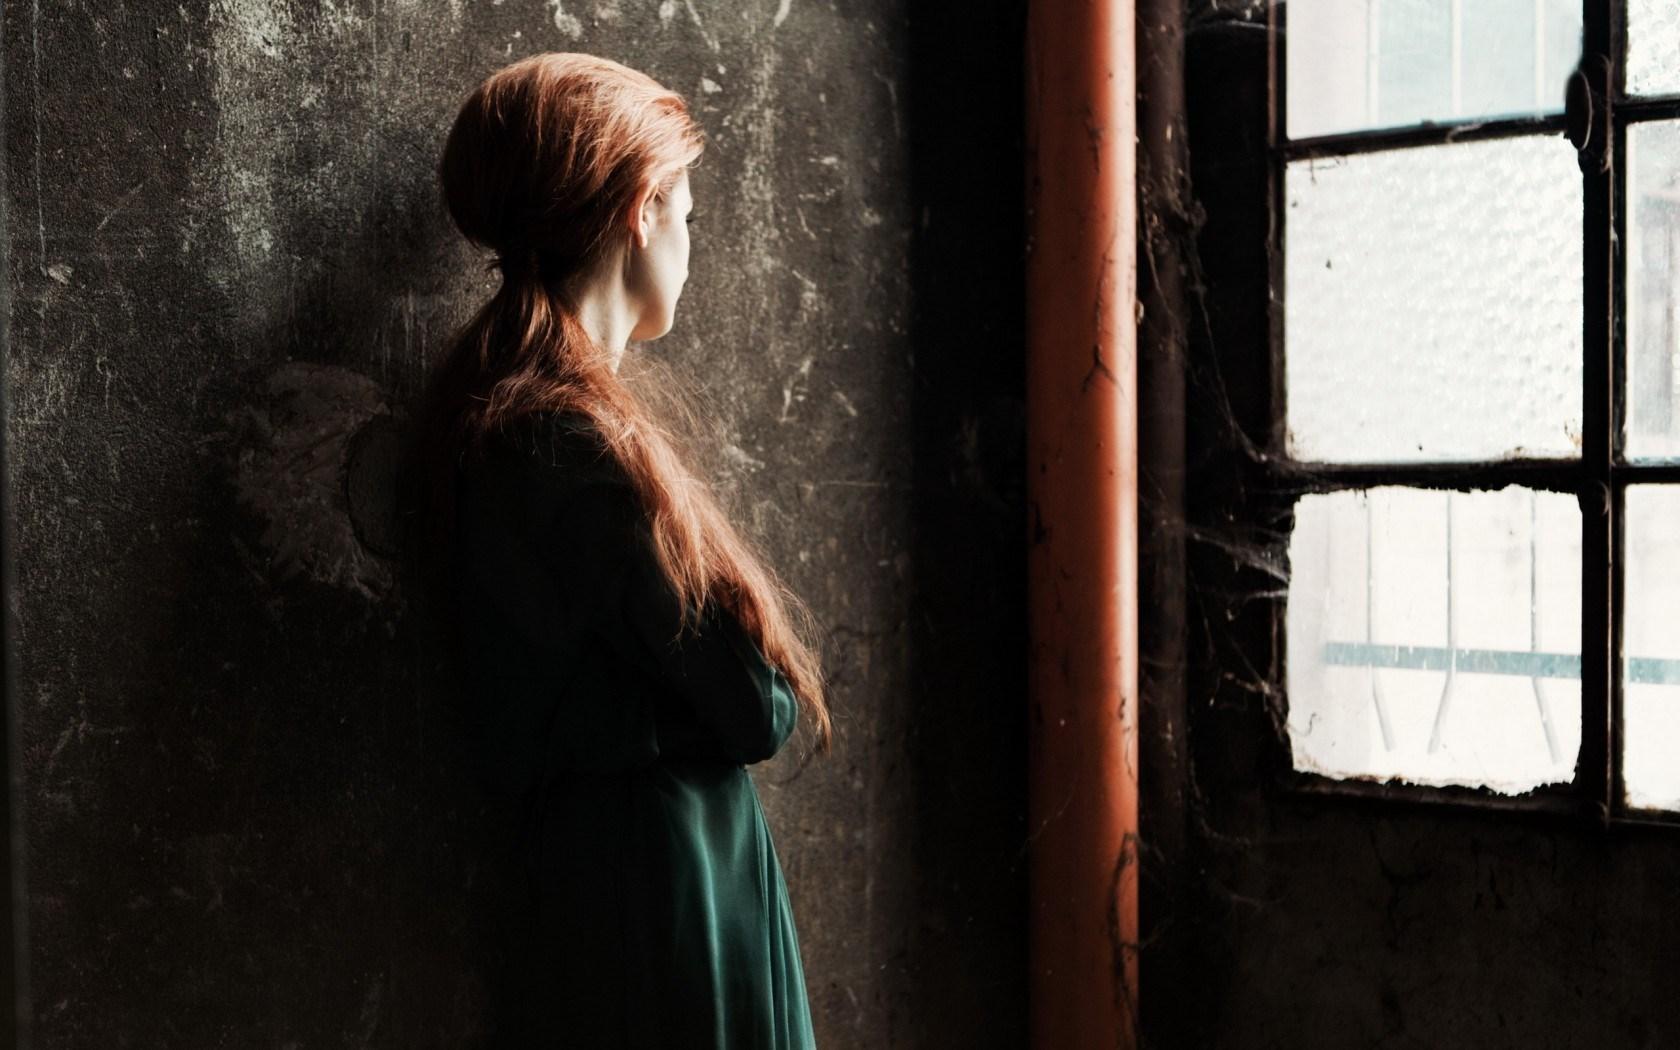 Những lý do khiến phụ nữ dù đau khổ đến mấy cũng tha thứ cho chồng ngoại tình - Ảnh 3